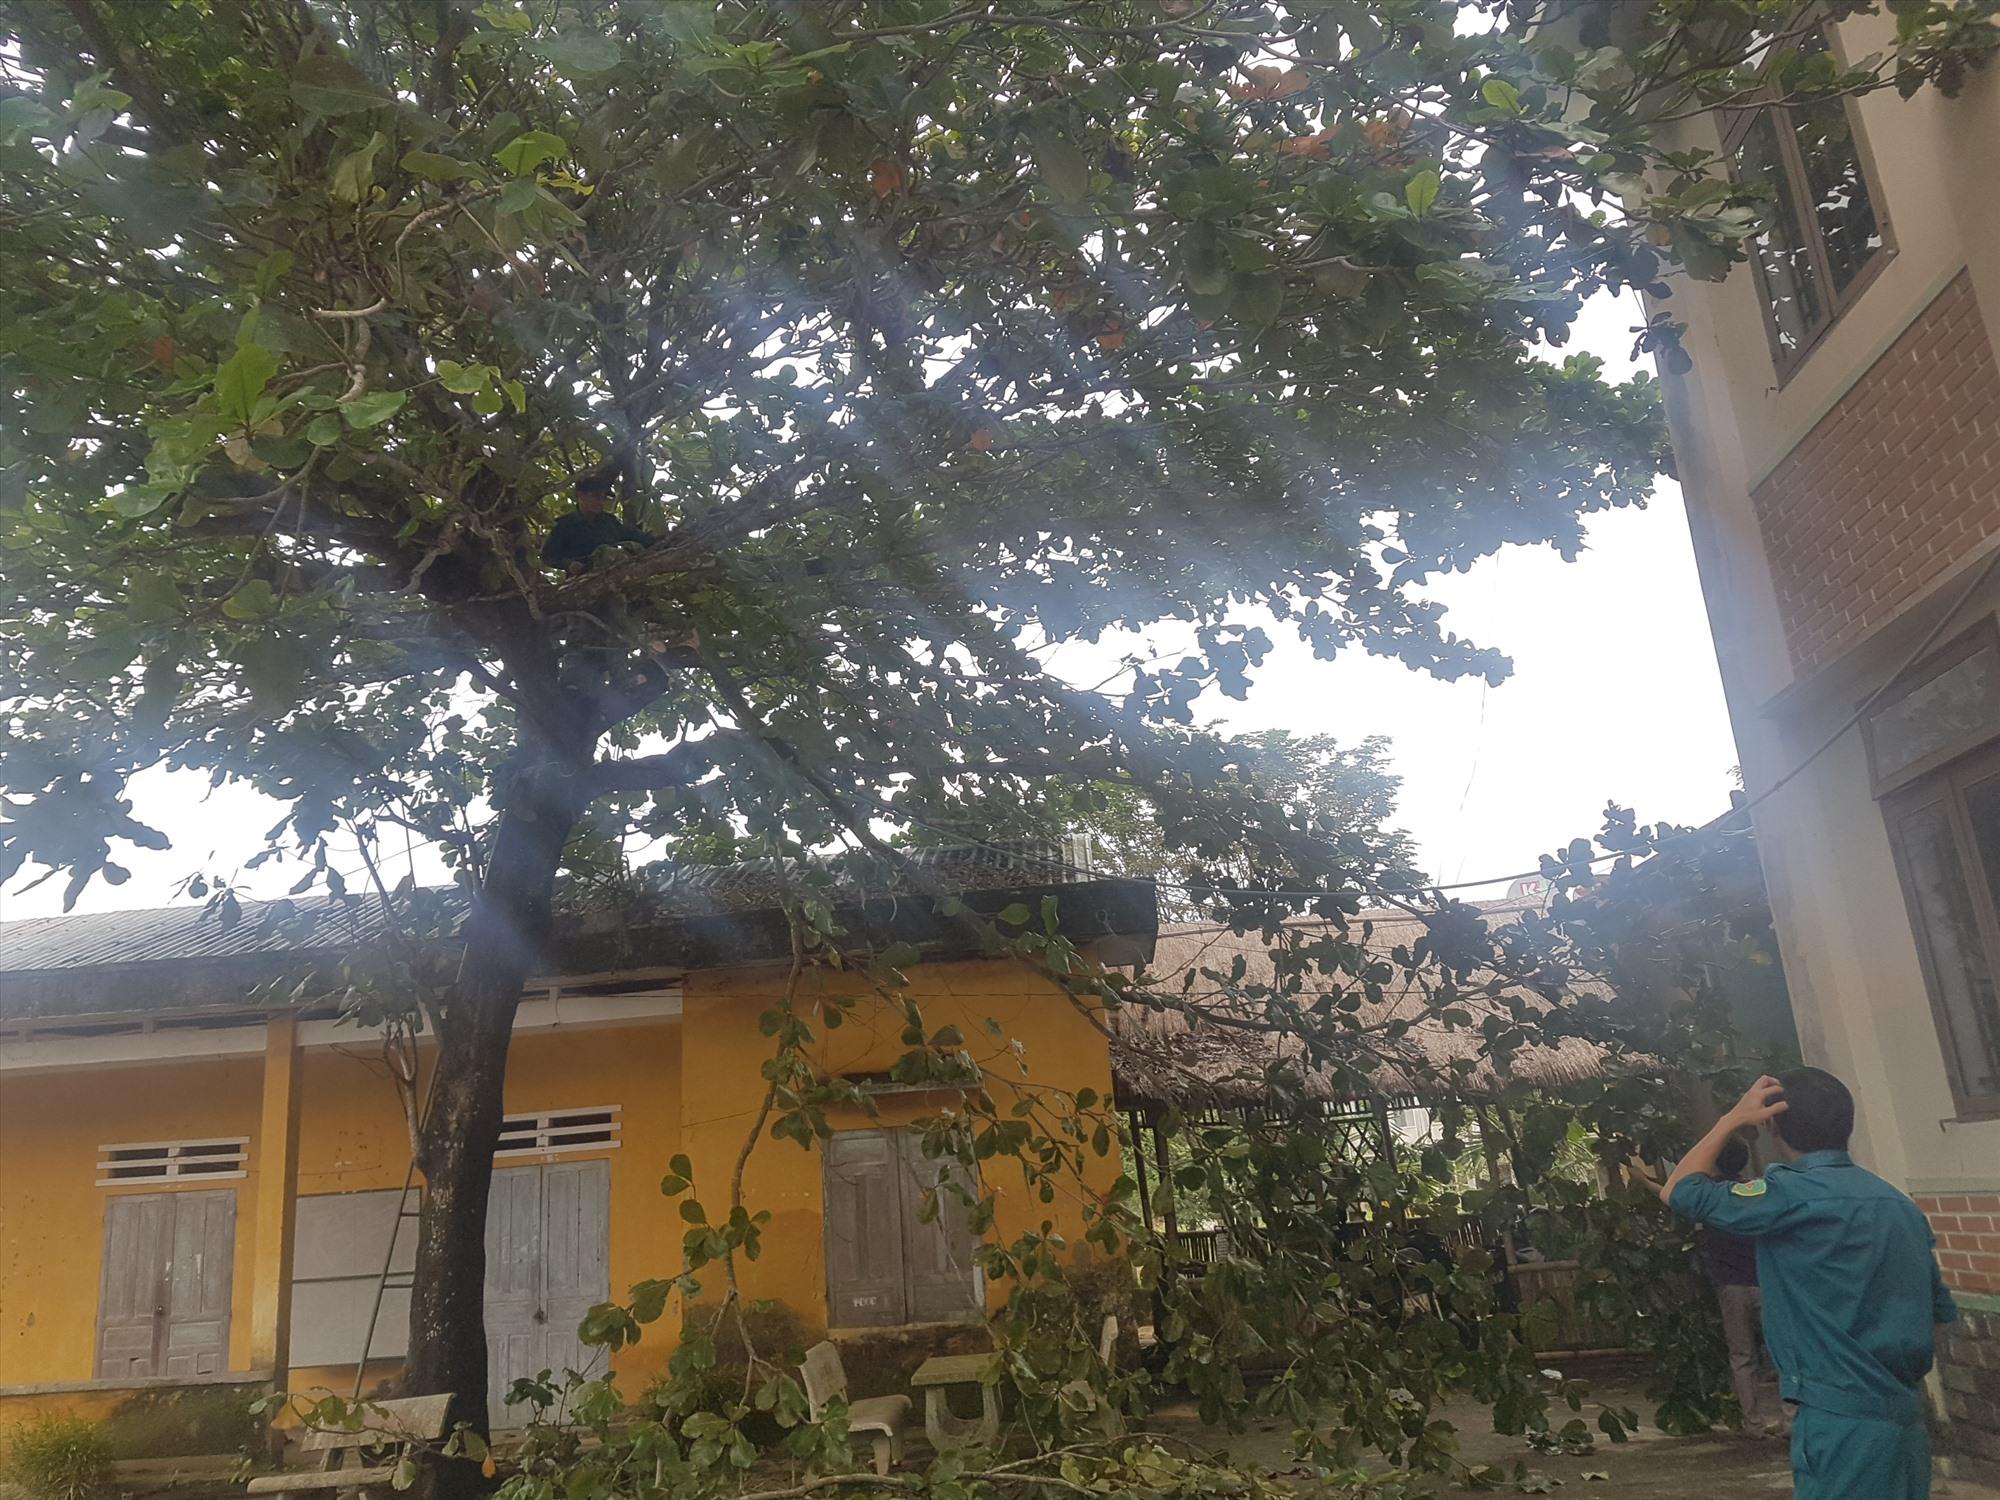 Cây cối được cắt tỉa trước khi bão đổ bộ. Ảnh: D.L